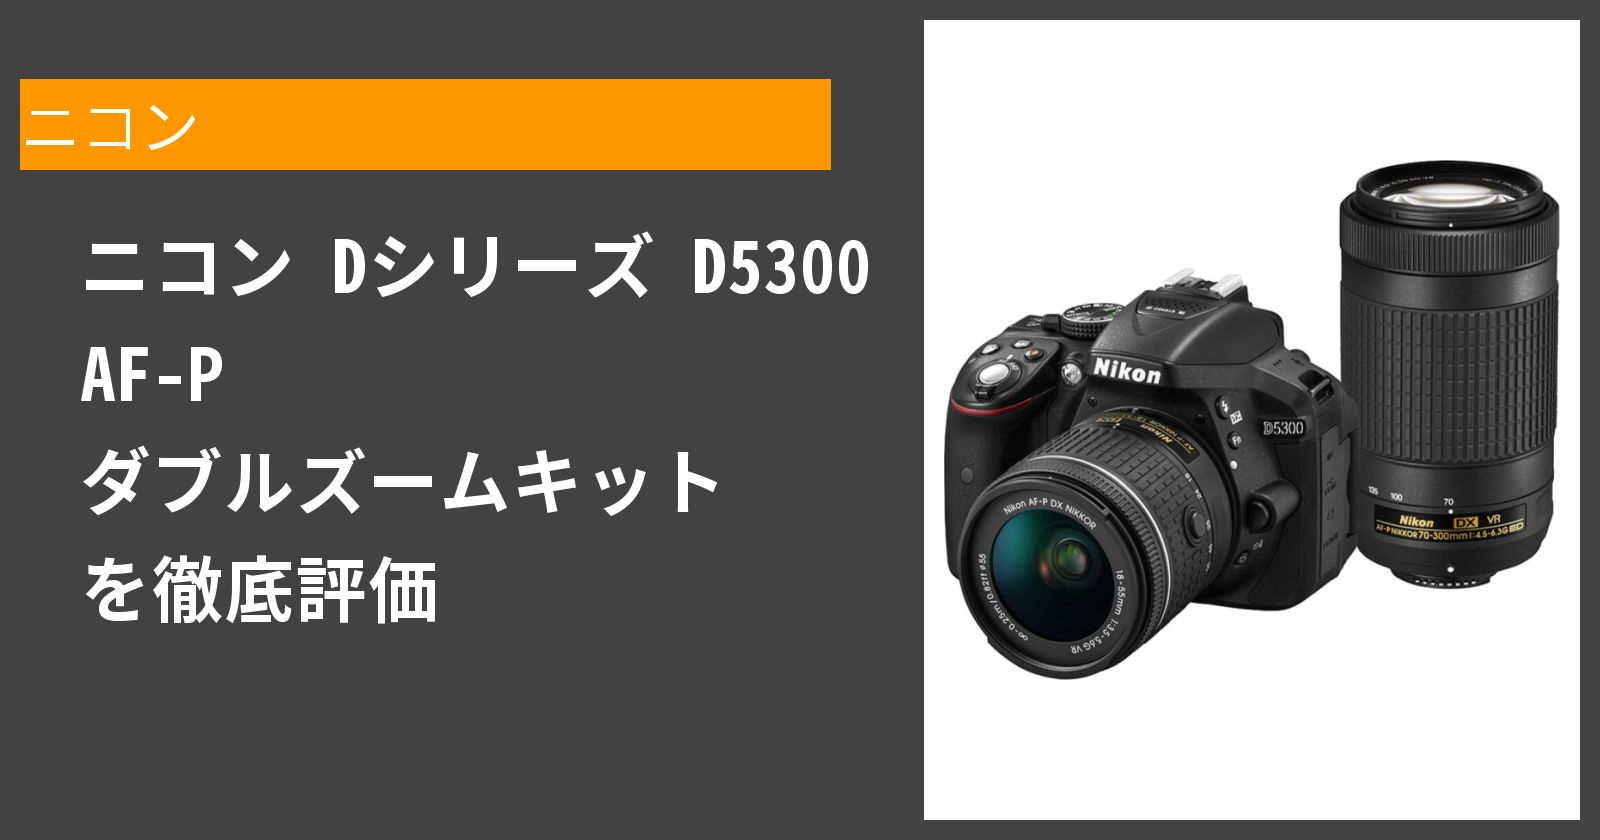 D5300 AF-P ダブルズームキットを徹底評価